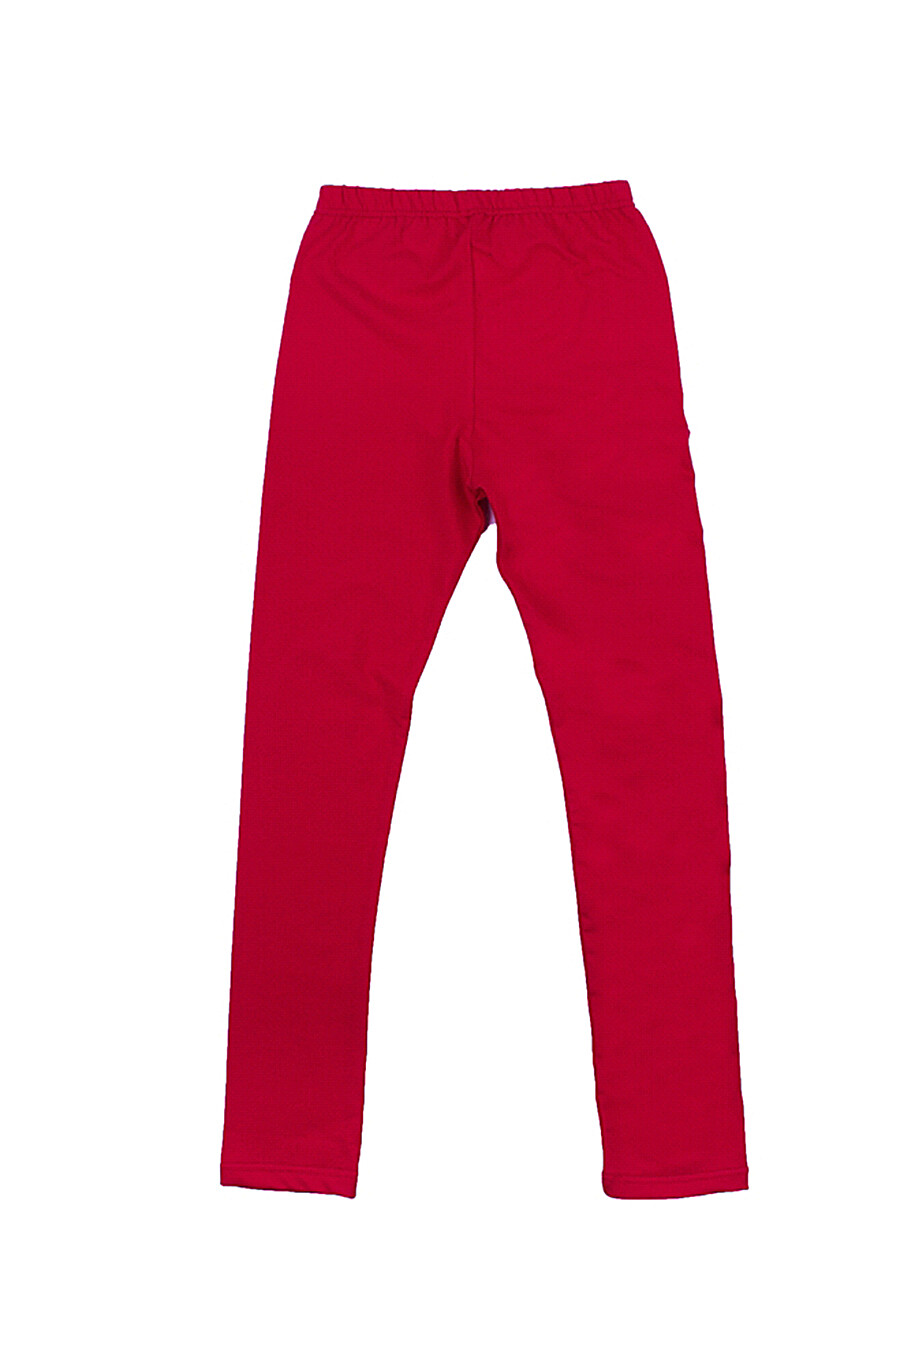 Рейтузы для девочек Archi 131209 купить оптом от производителя. Совместная покупка детской одежды в OptMoyo